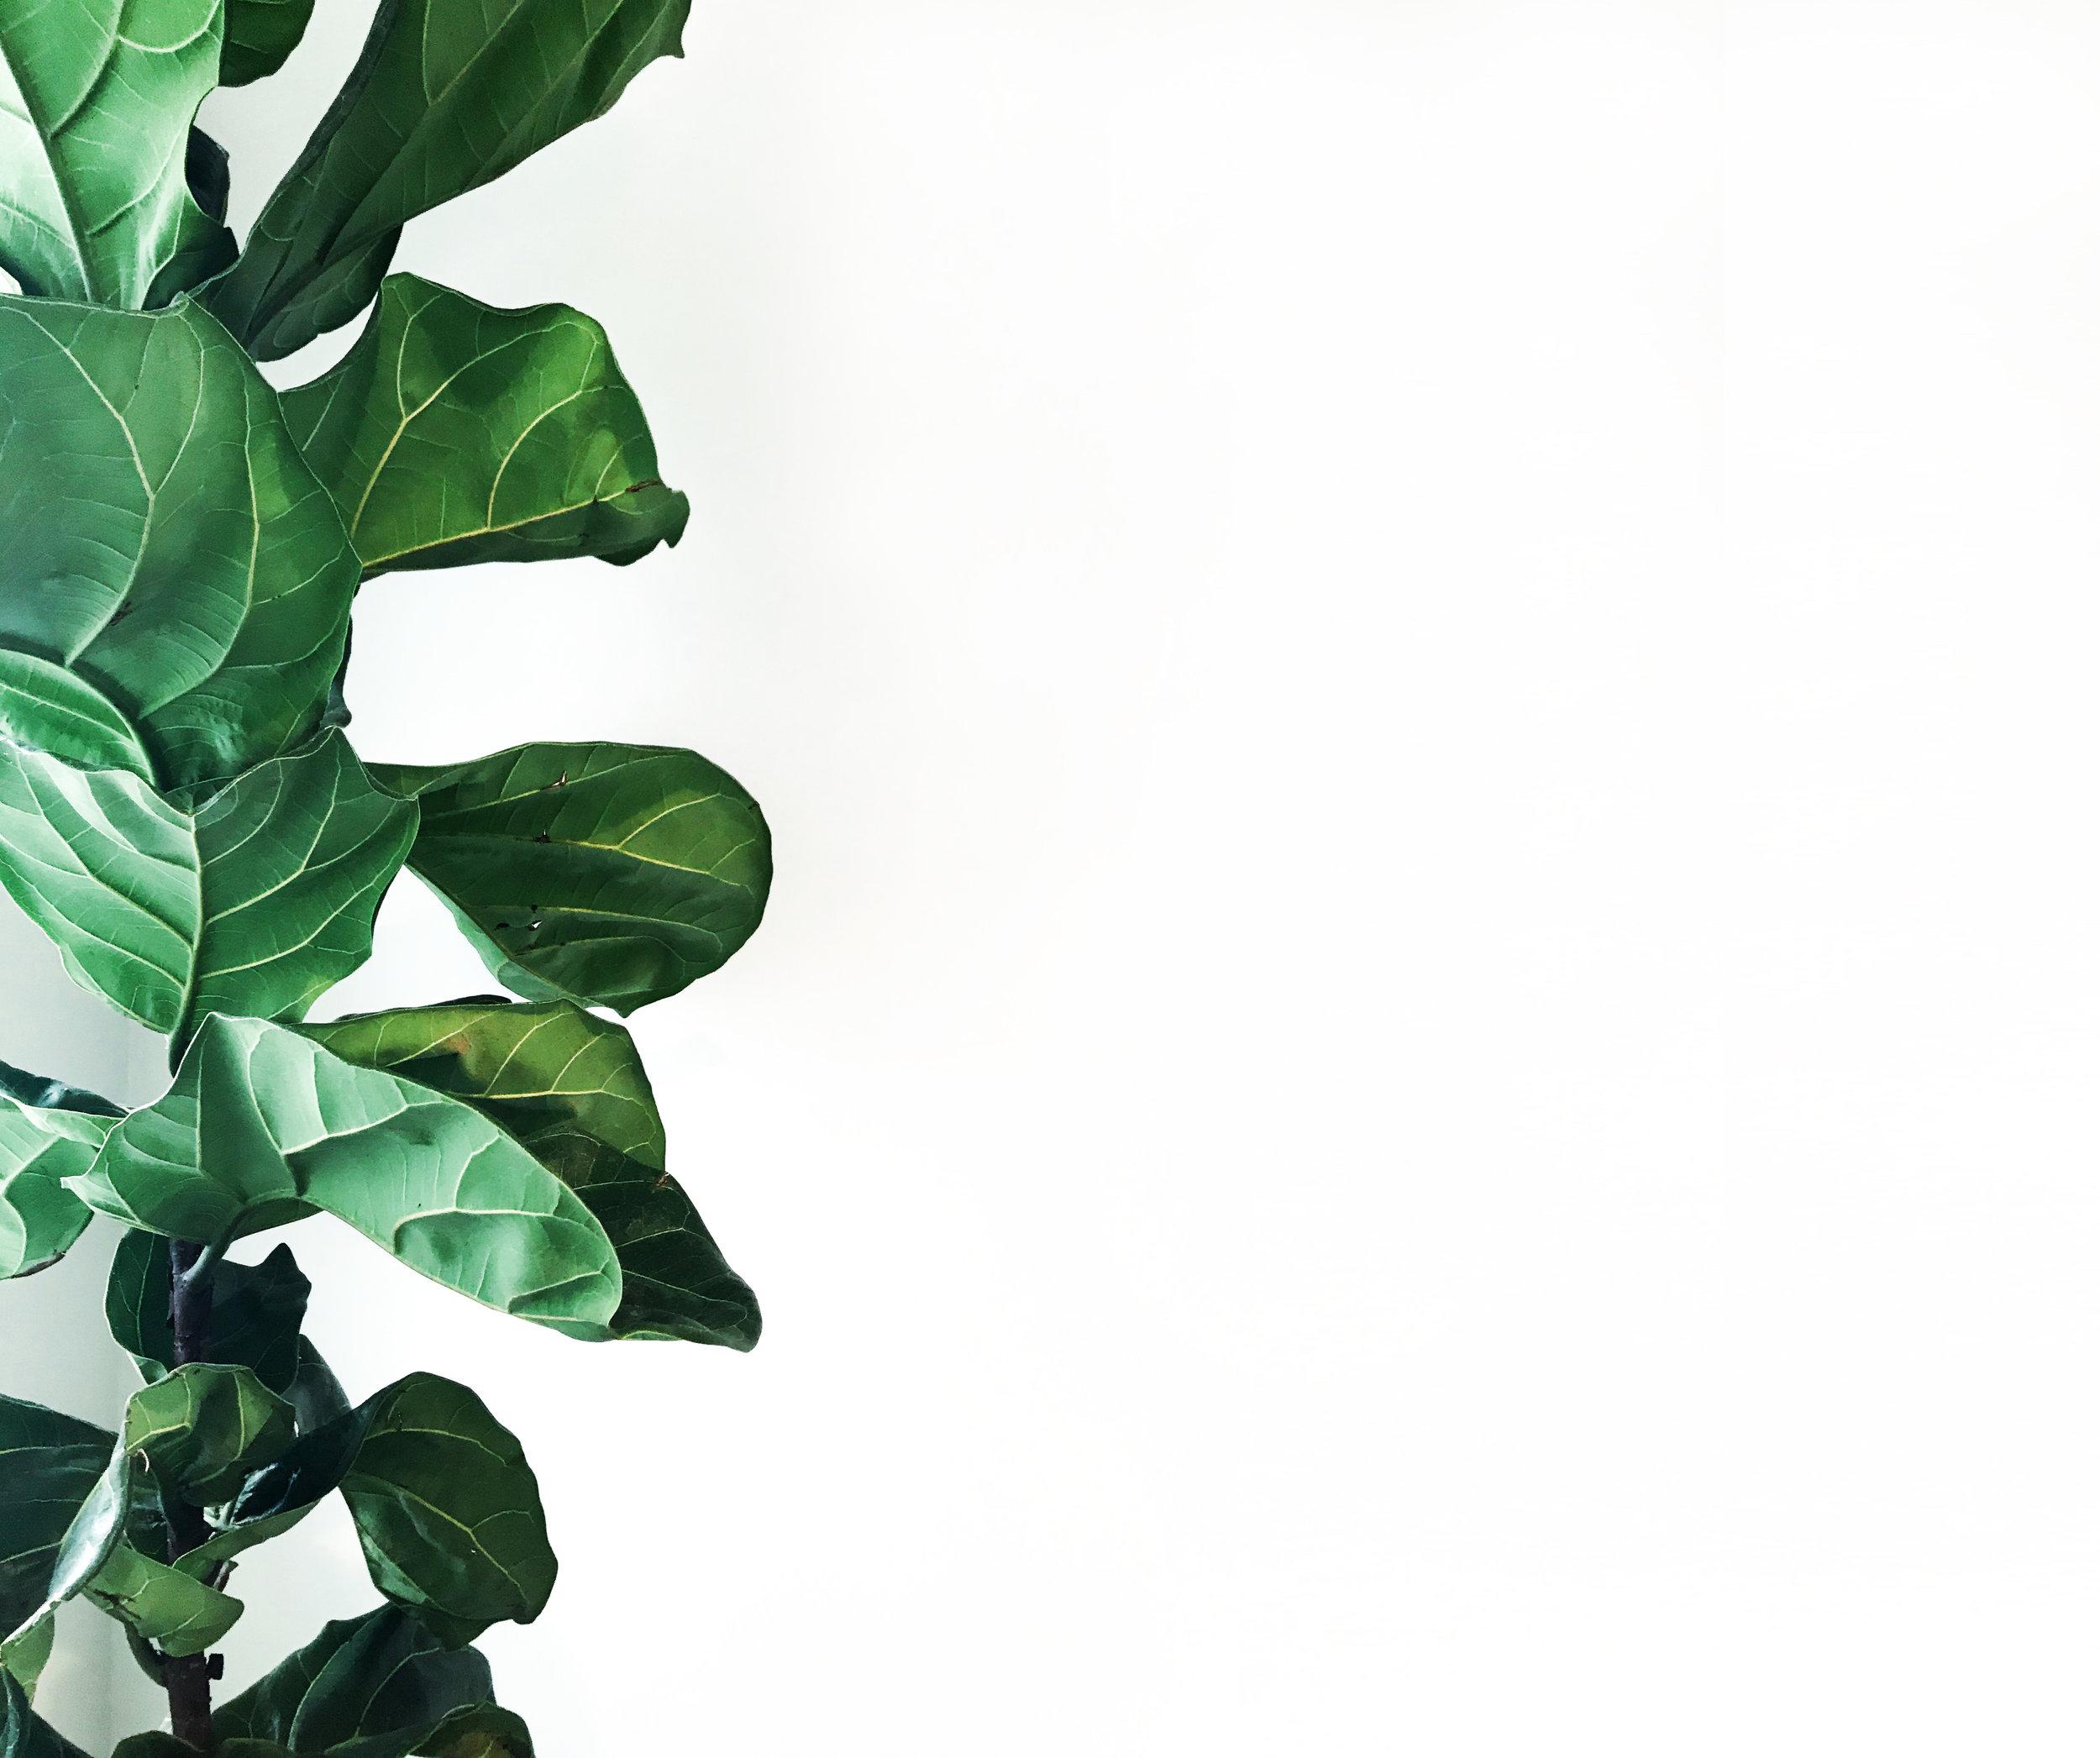 tree copy 2.jpg